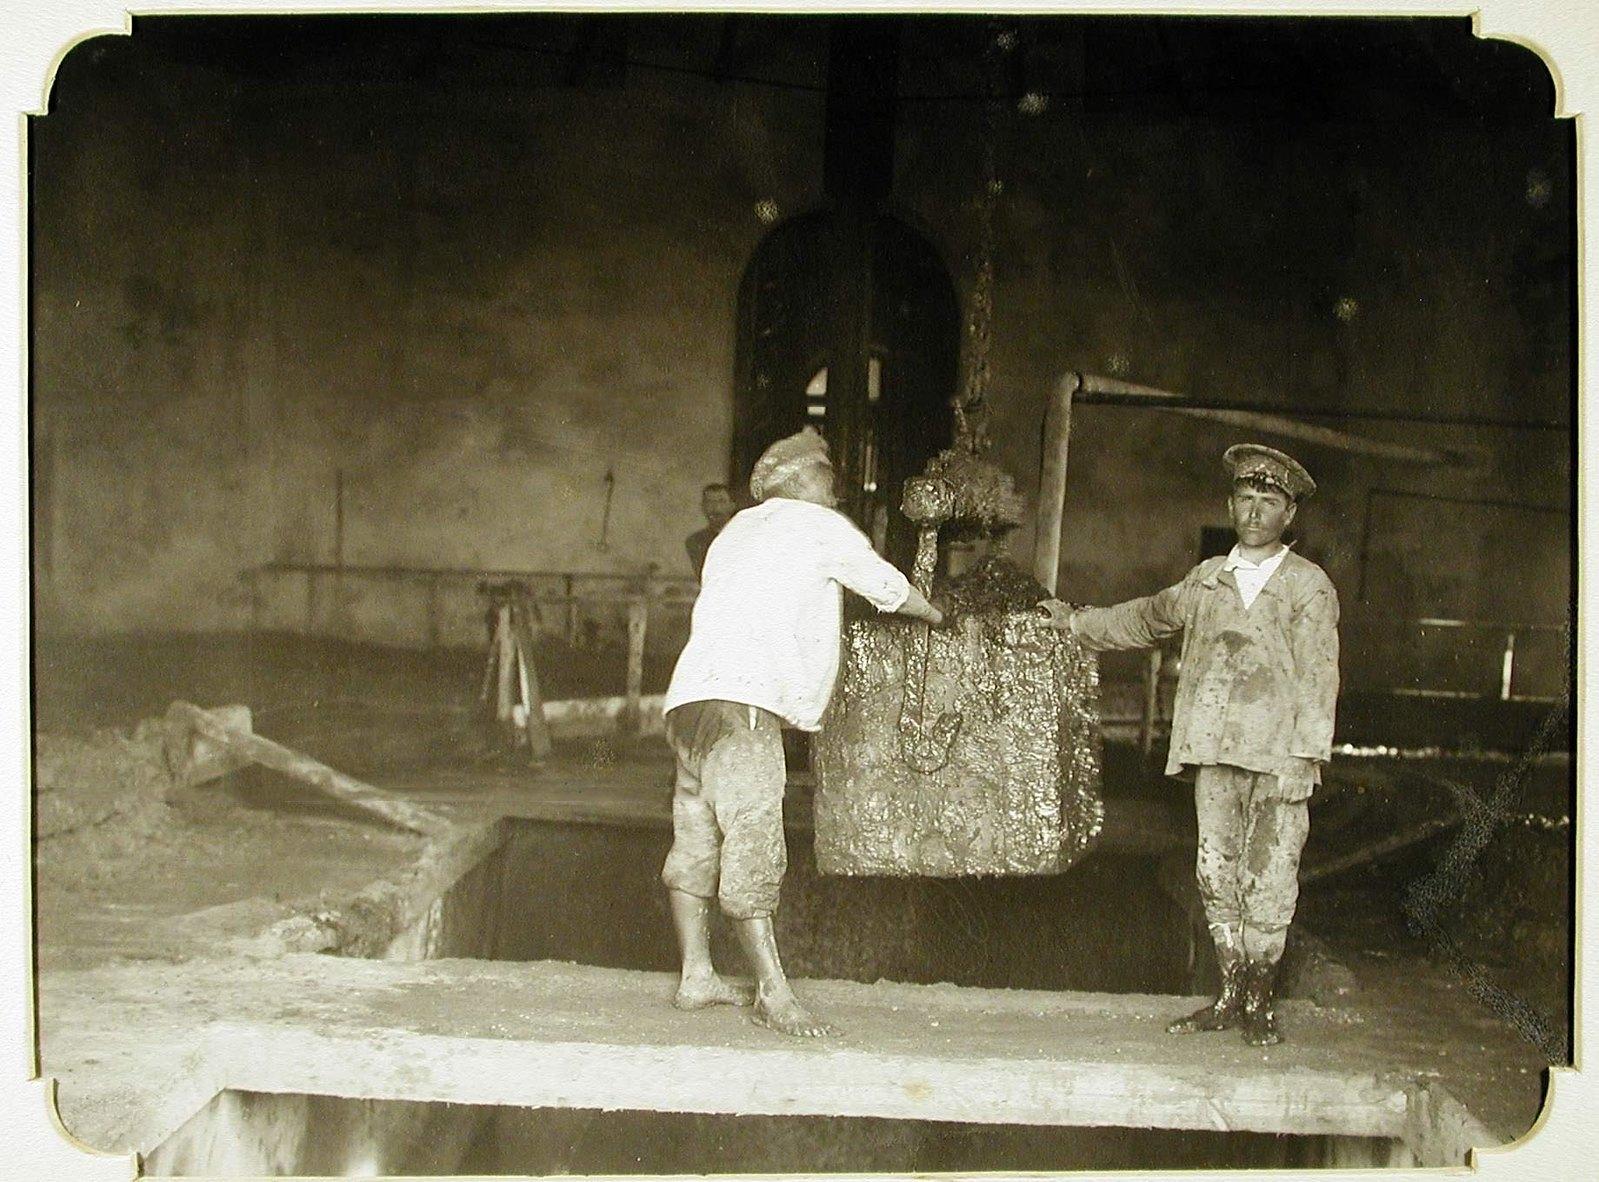 21. Рабочие нагружают лечебную грязь для подачи её по кабинам